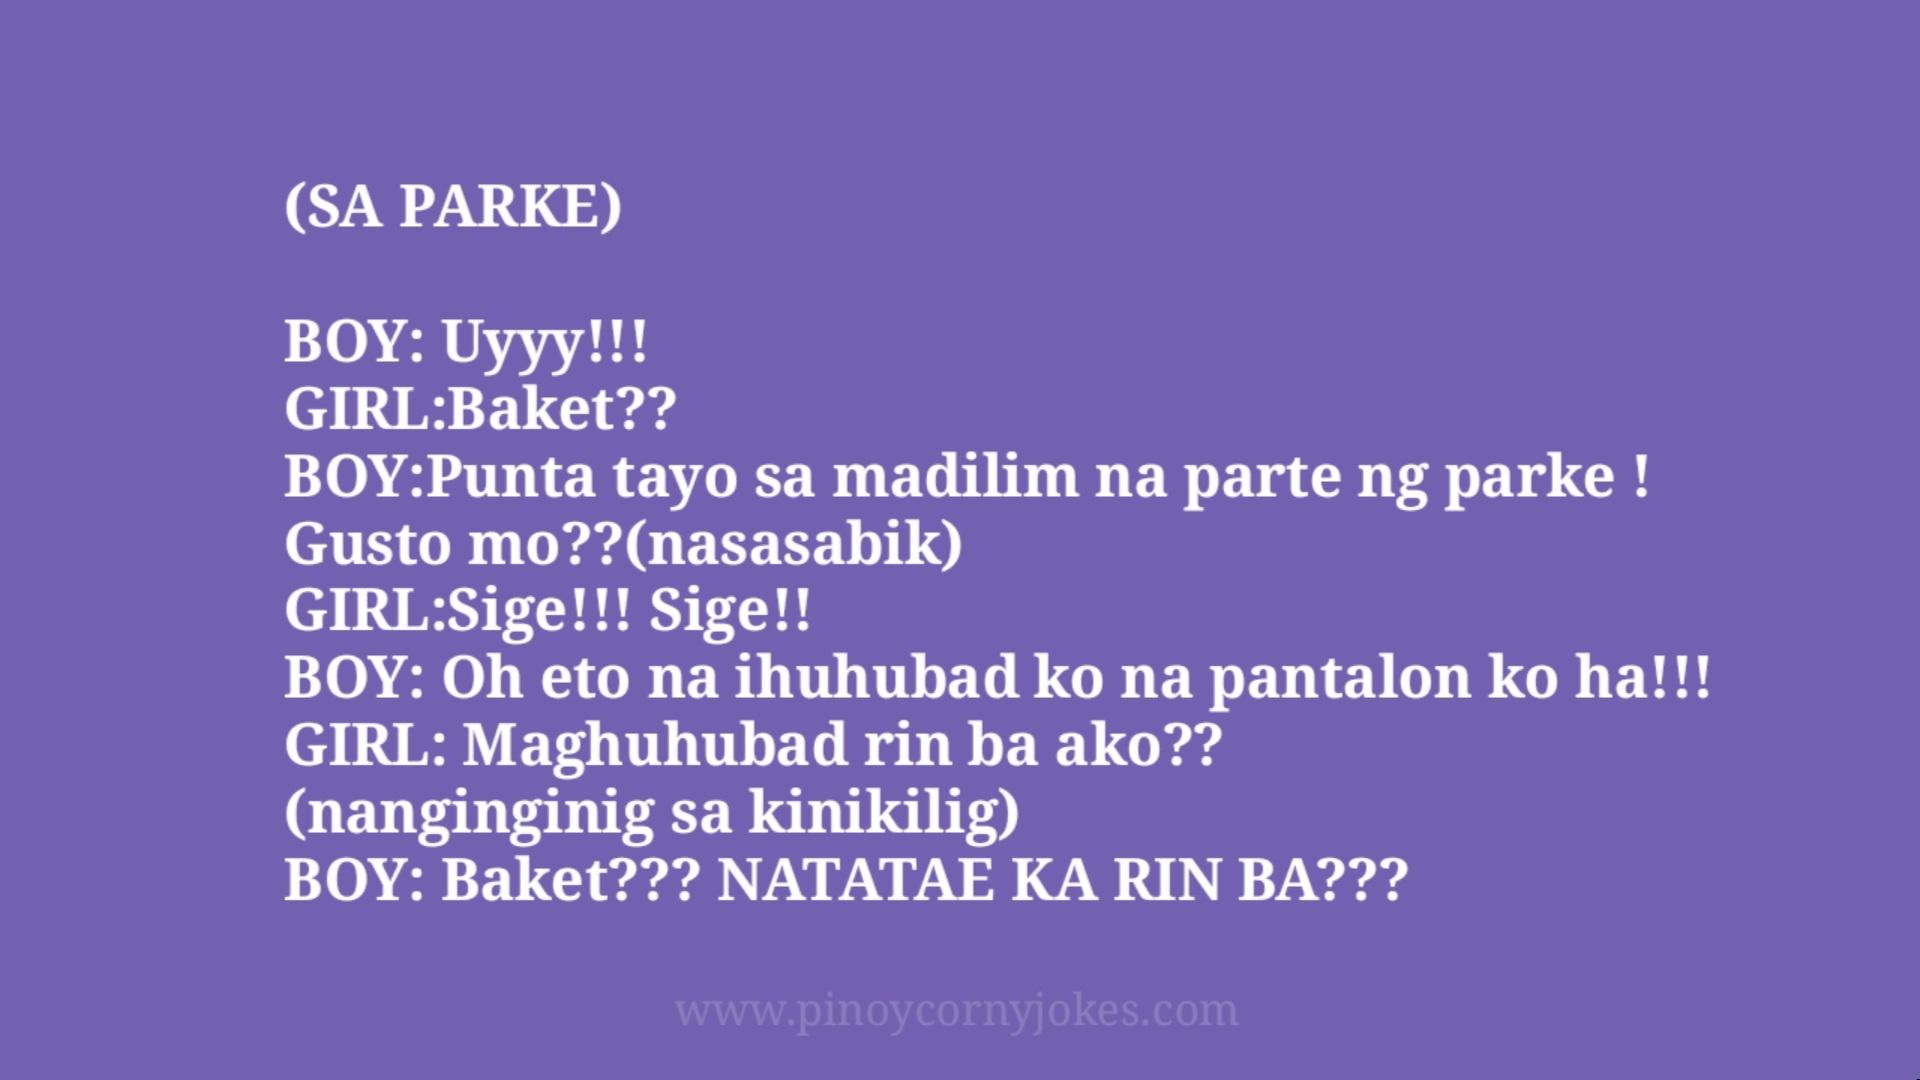 sa parke joke time pinoy bot girl